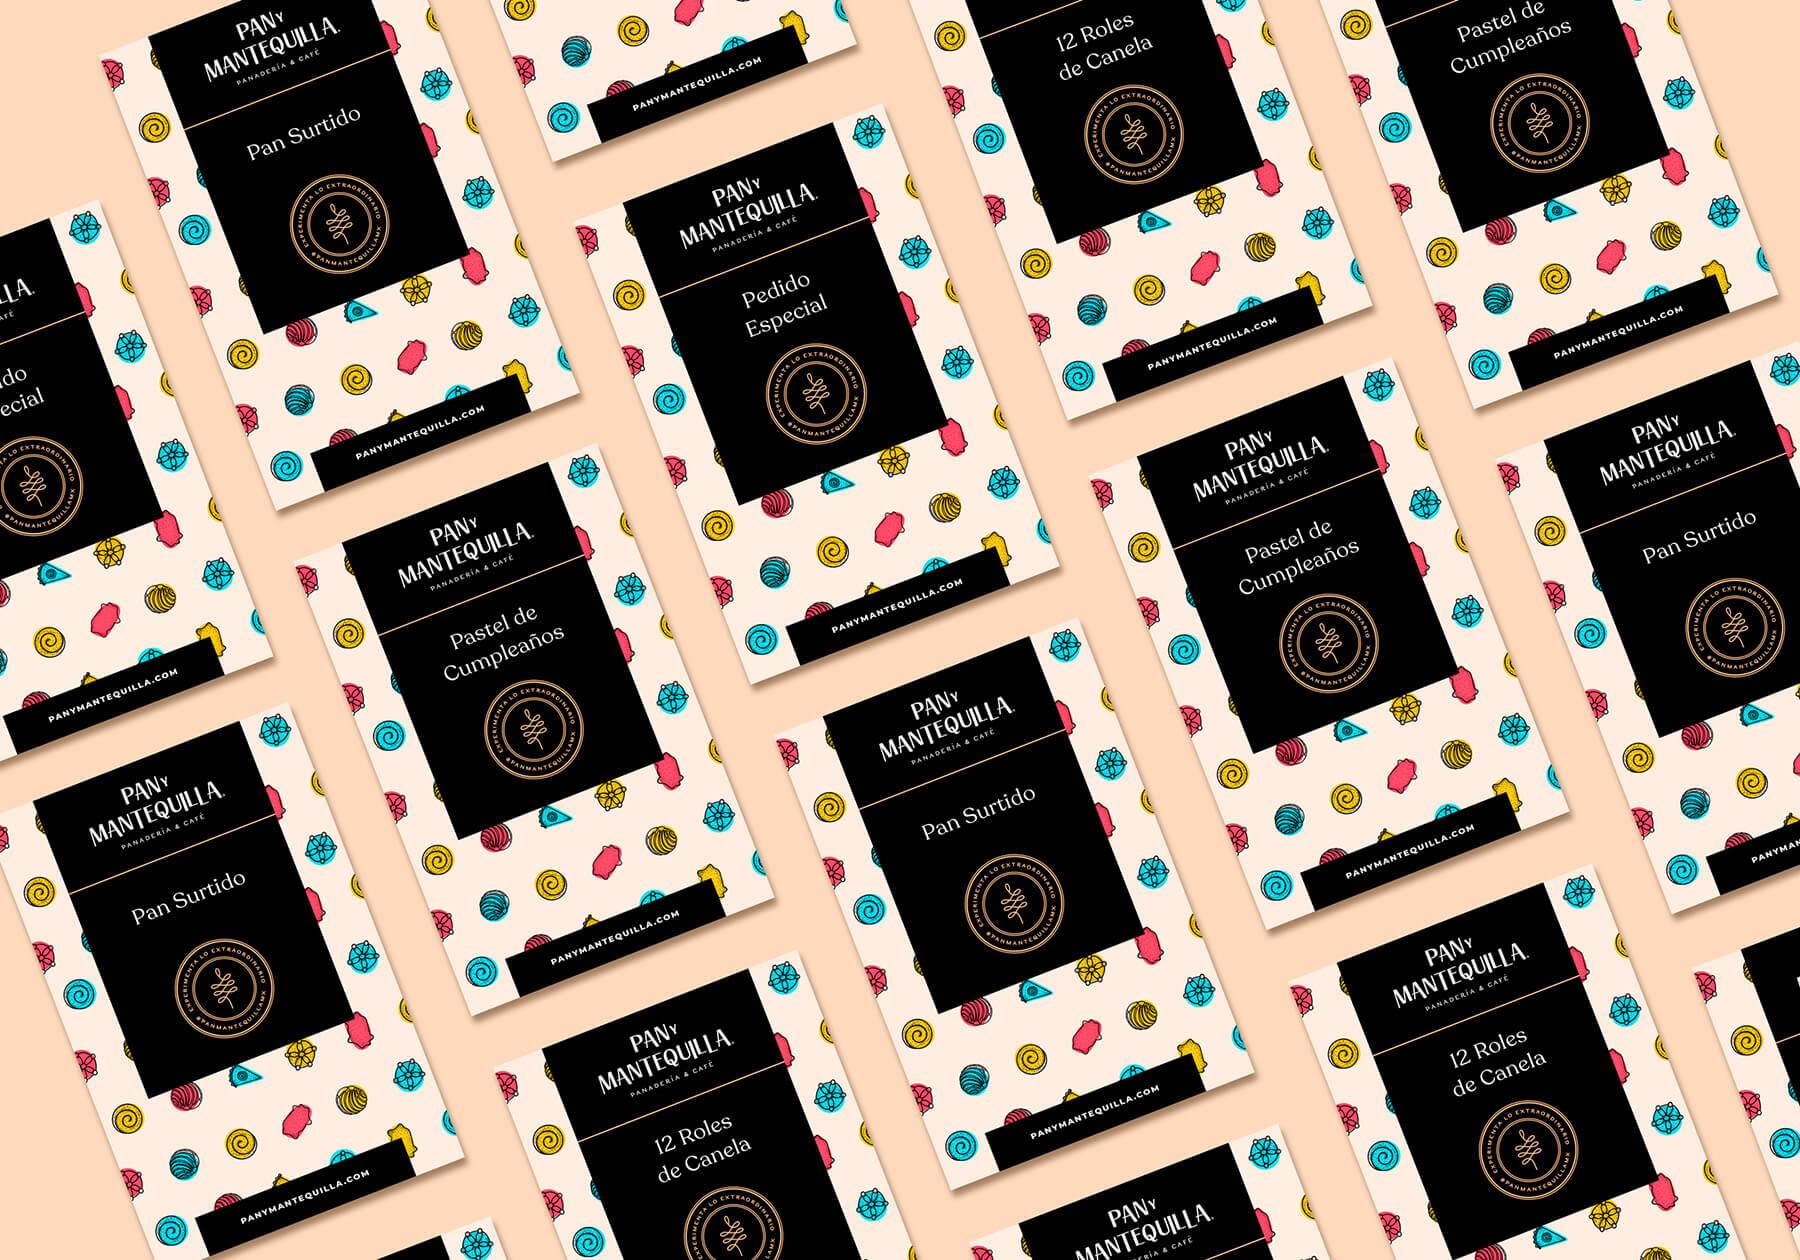 Etiquetas de Pastel - Pan y Mantequilla - Pamela Machado Portafolio